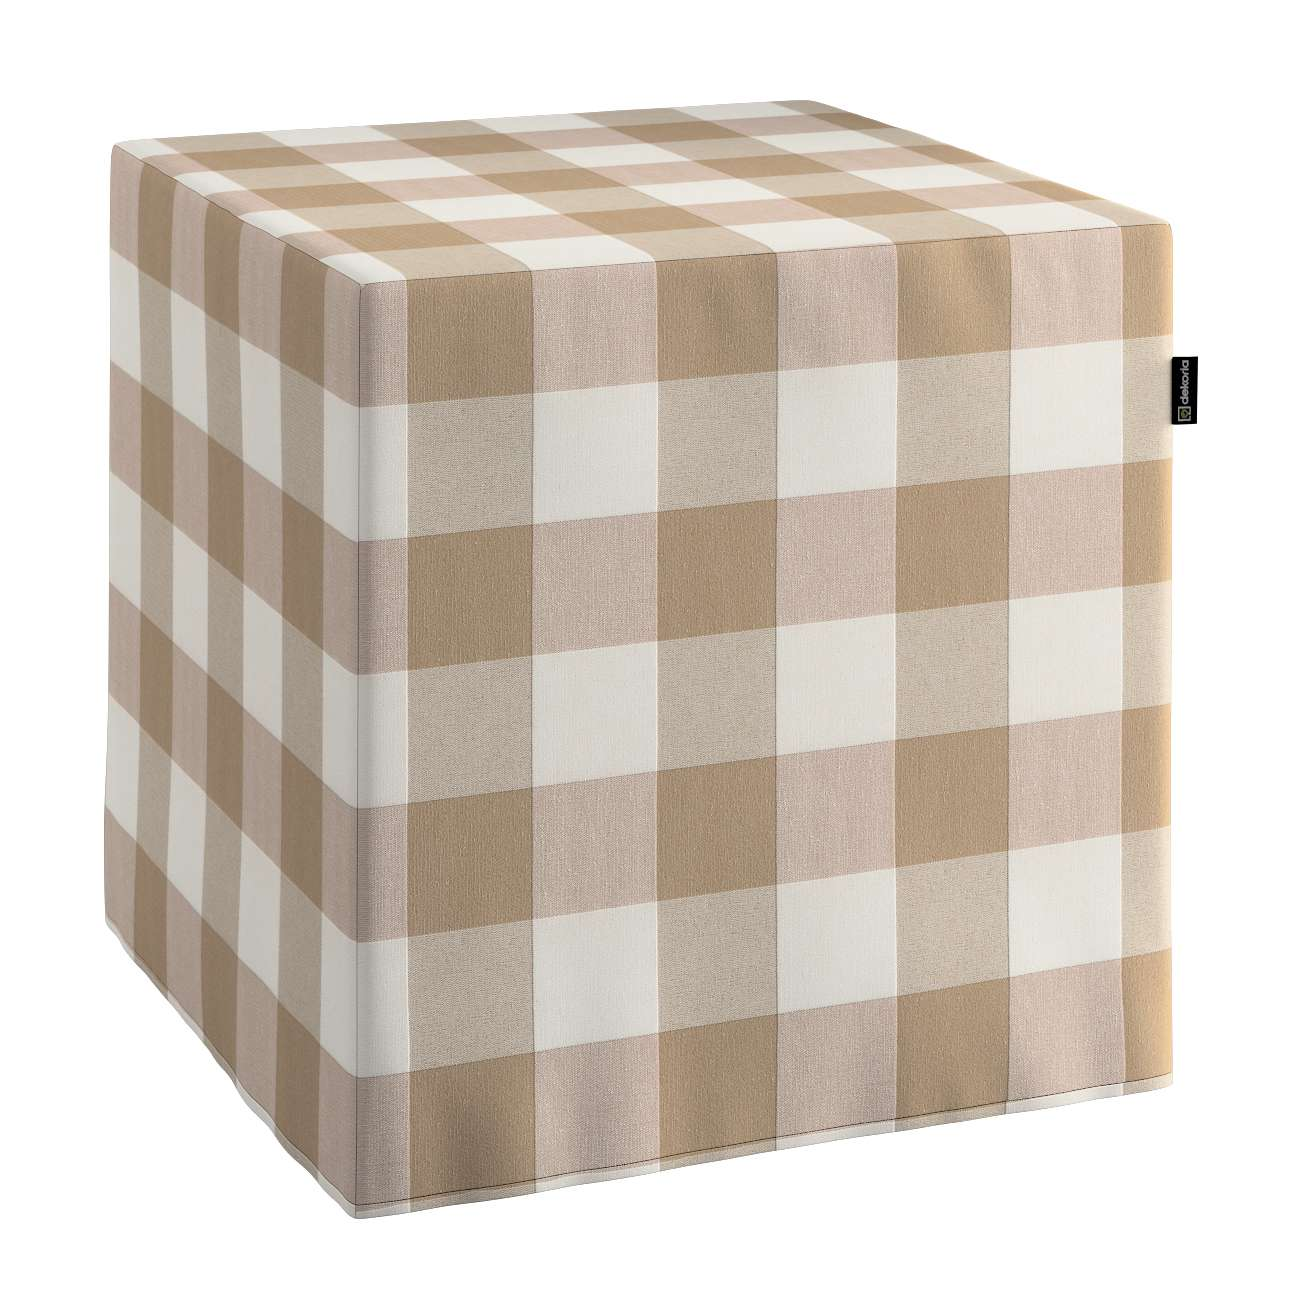 Sedák Cube - kostka pevná 40x40x40 v kolekci Quadro, látka: 136-08